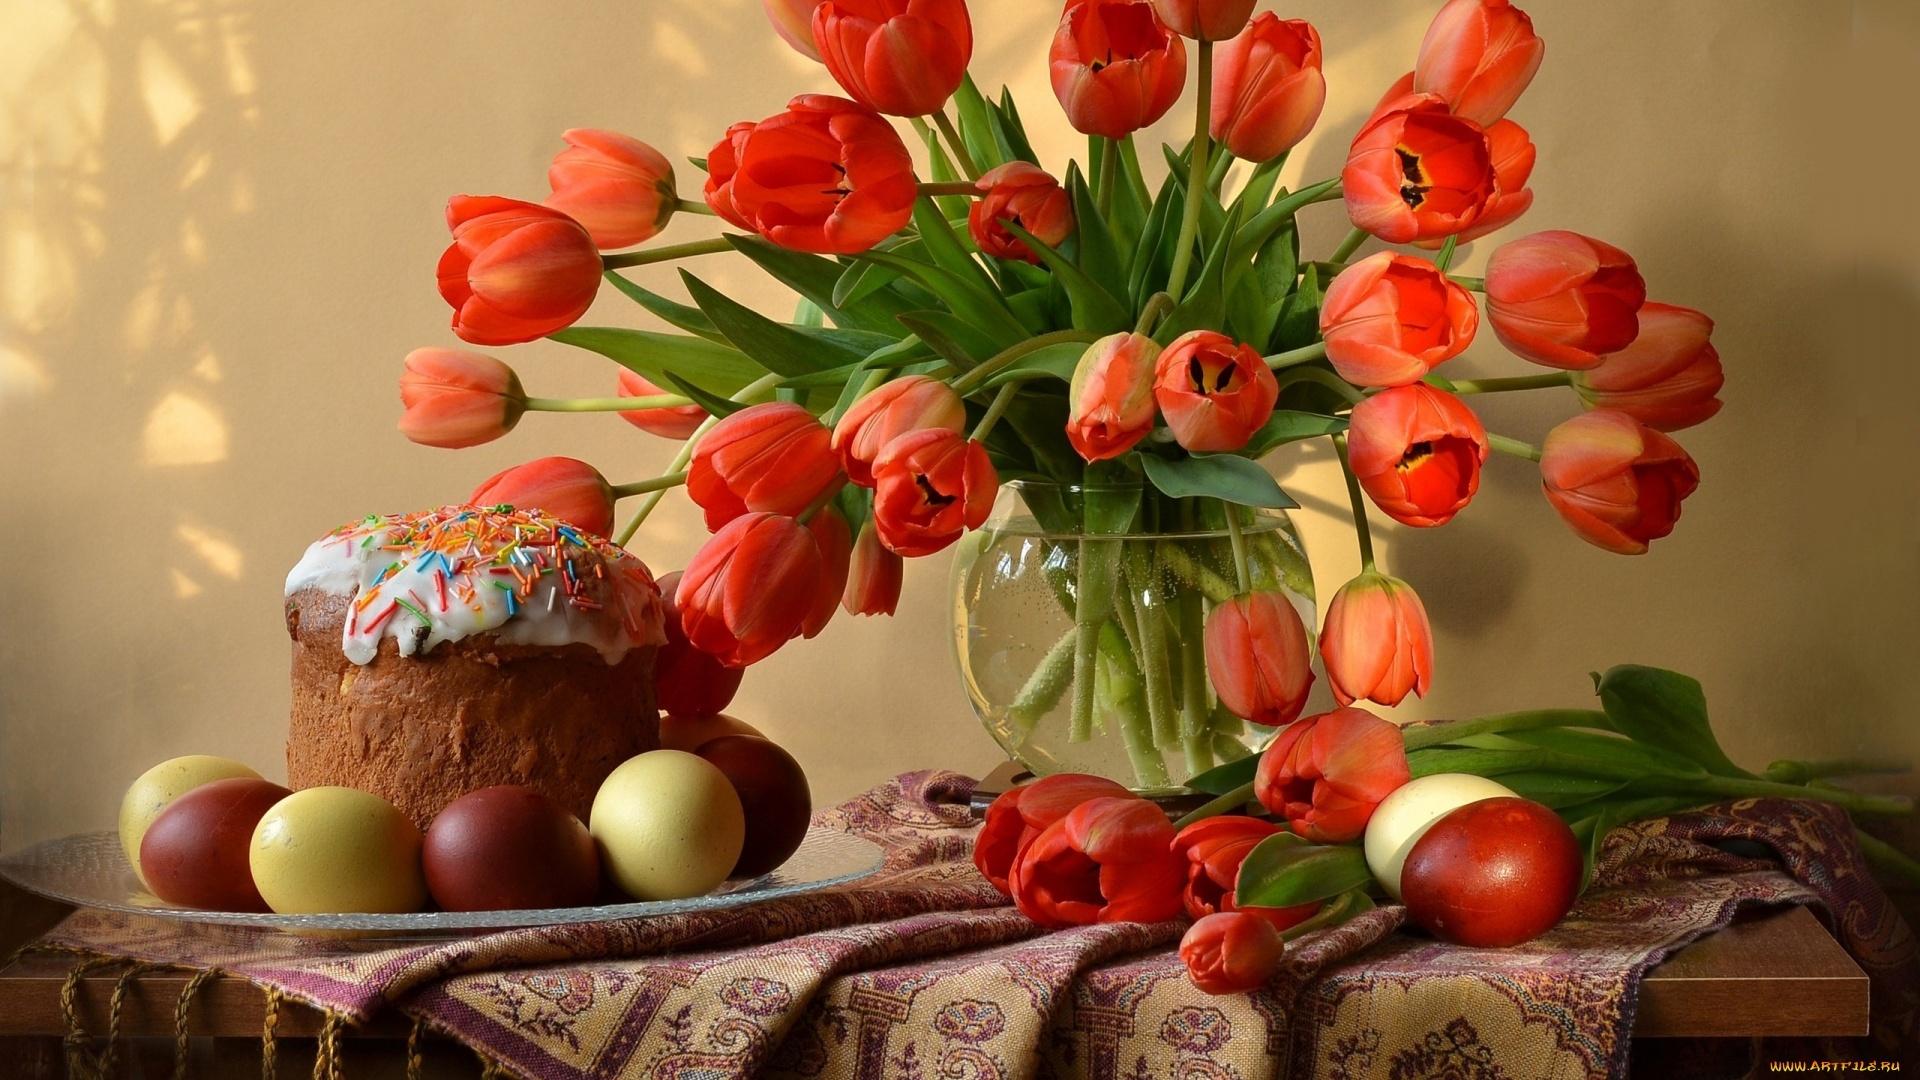 Easter Flowers Wallpaper theme